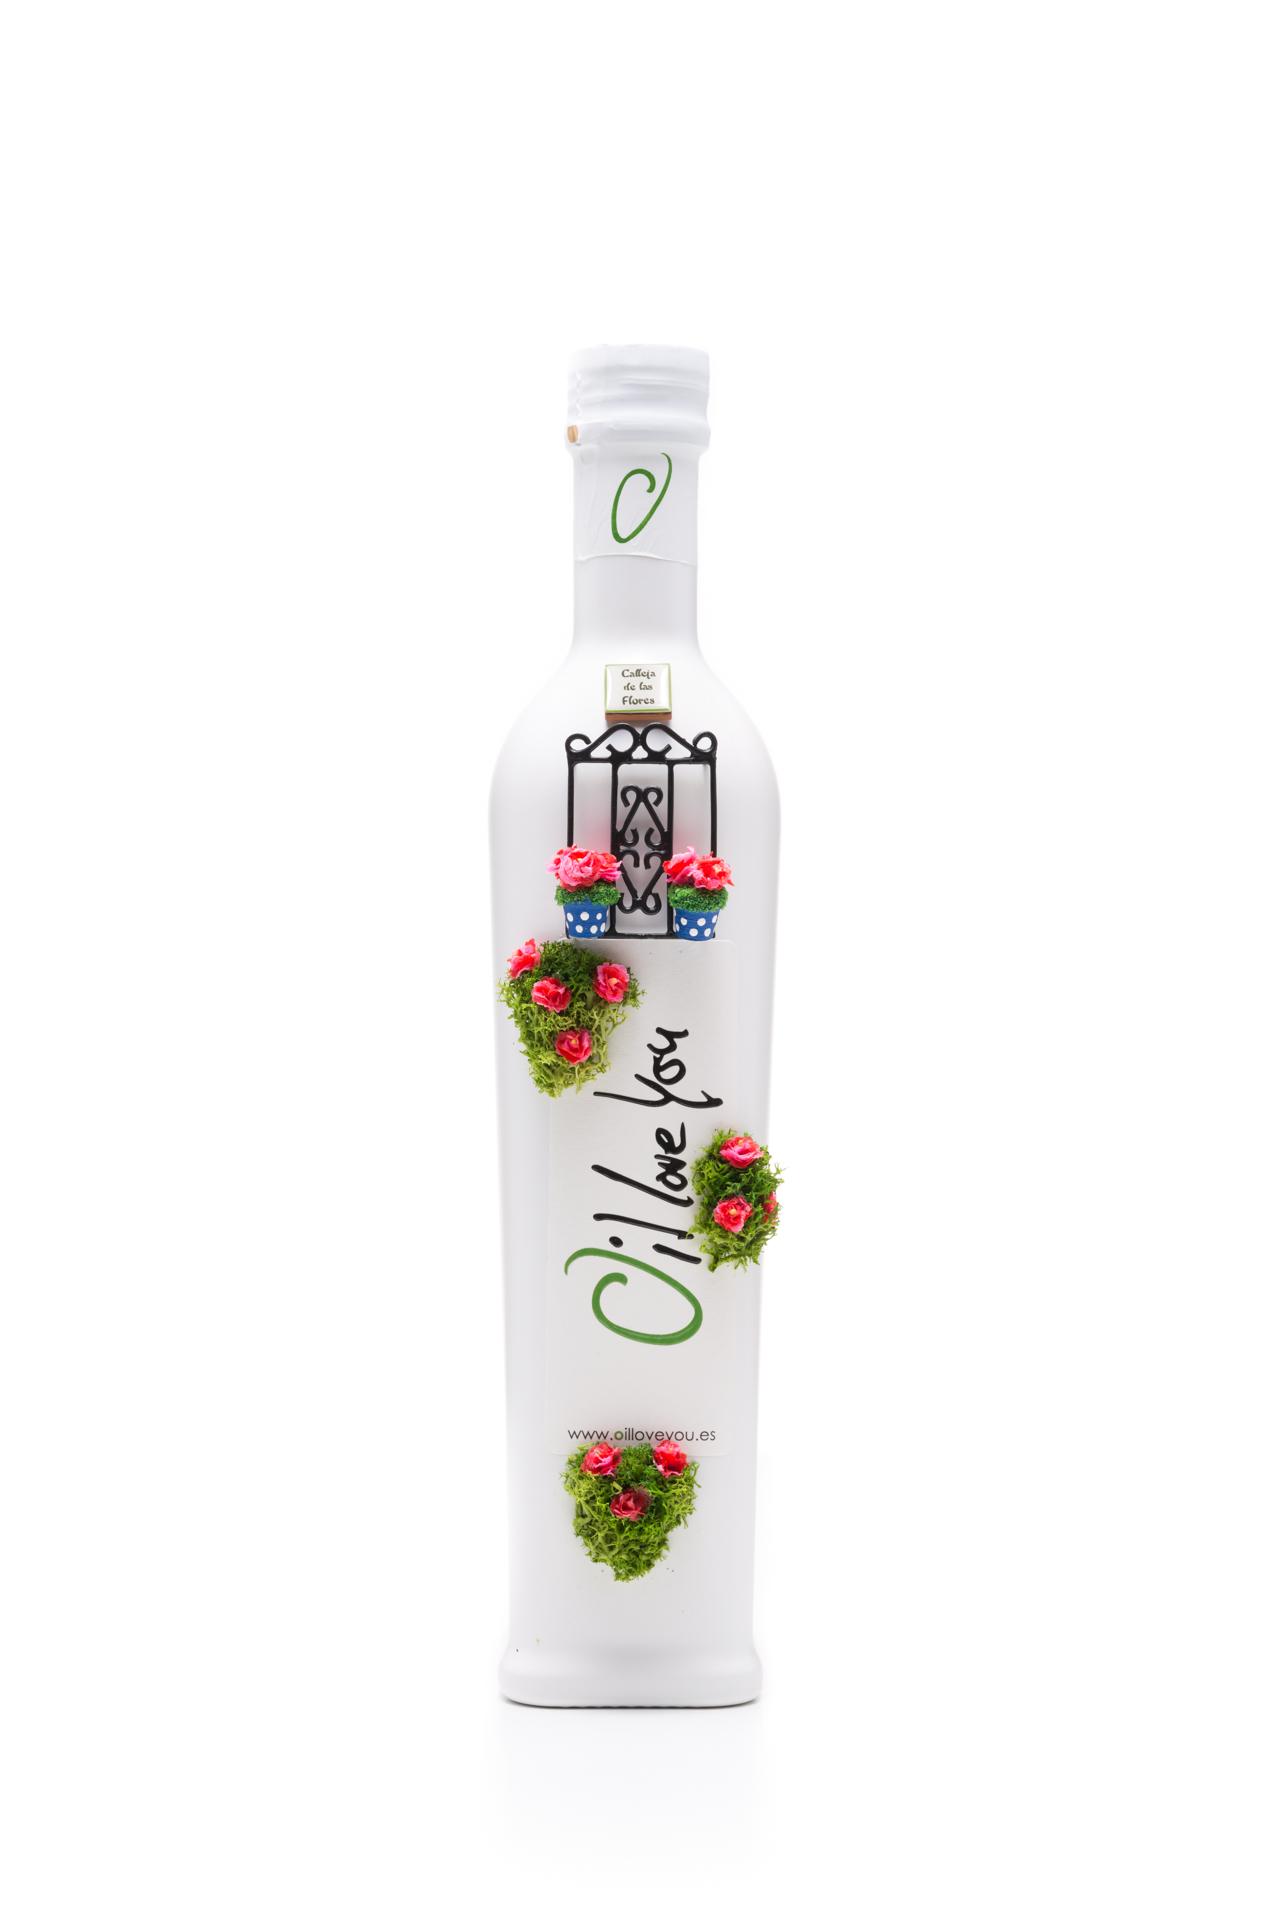 botella-aove-reja-coleccion-patios-de-cordoba-oil-love-you (2)